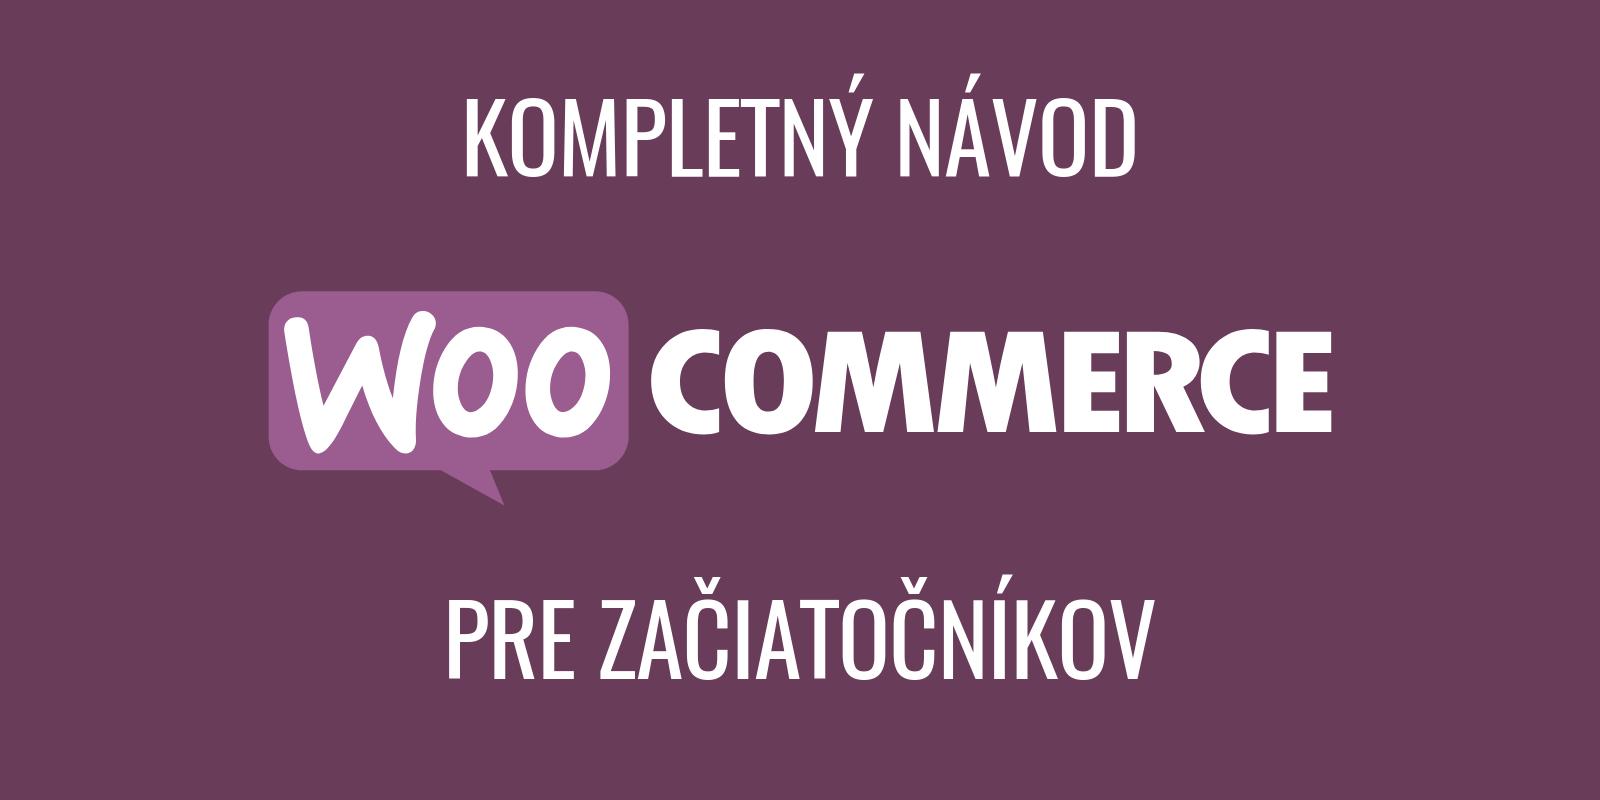 WooCommerce návod pre začiatočníkov